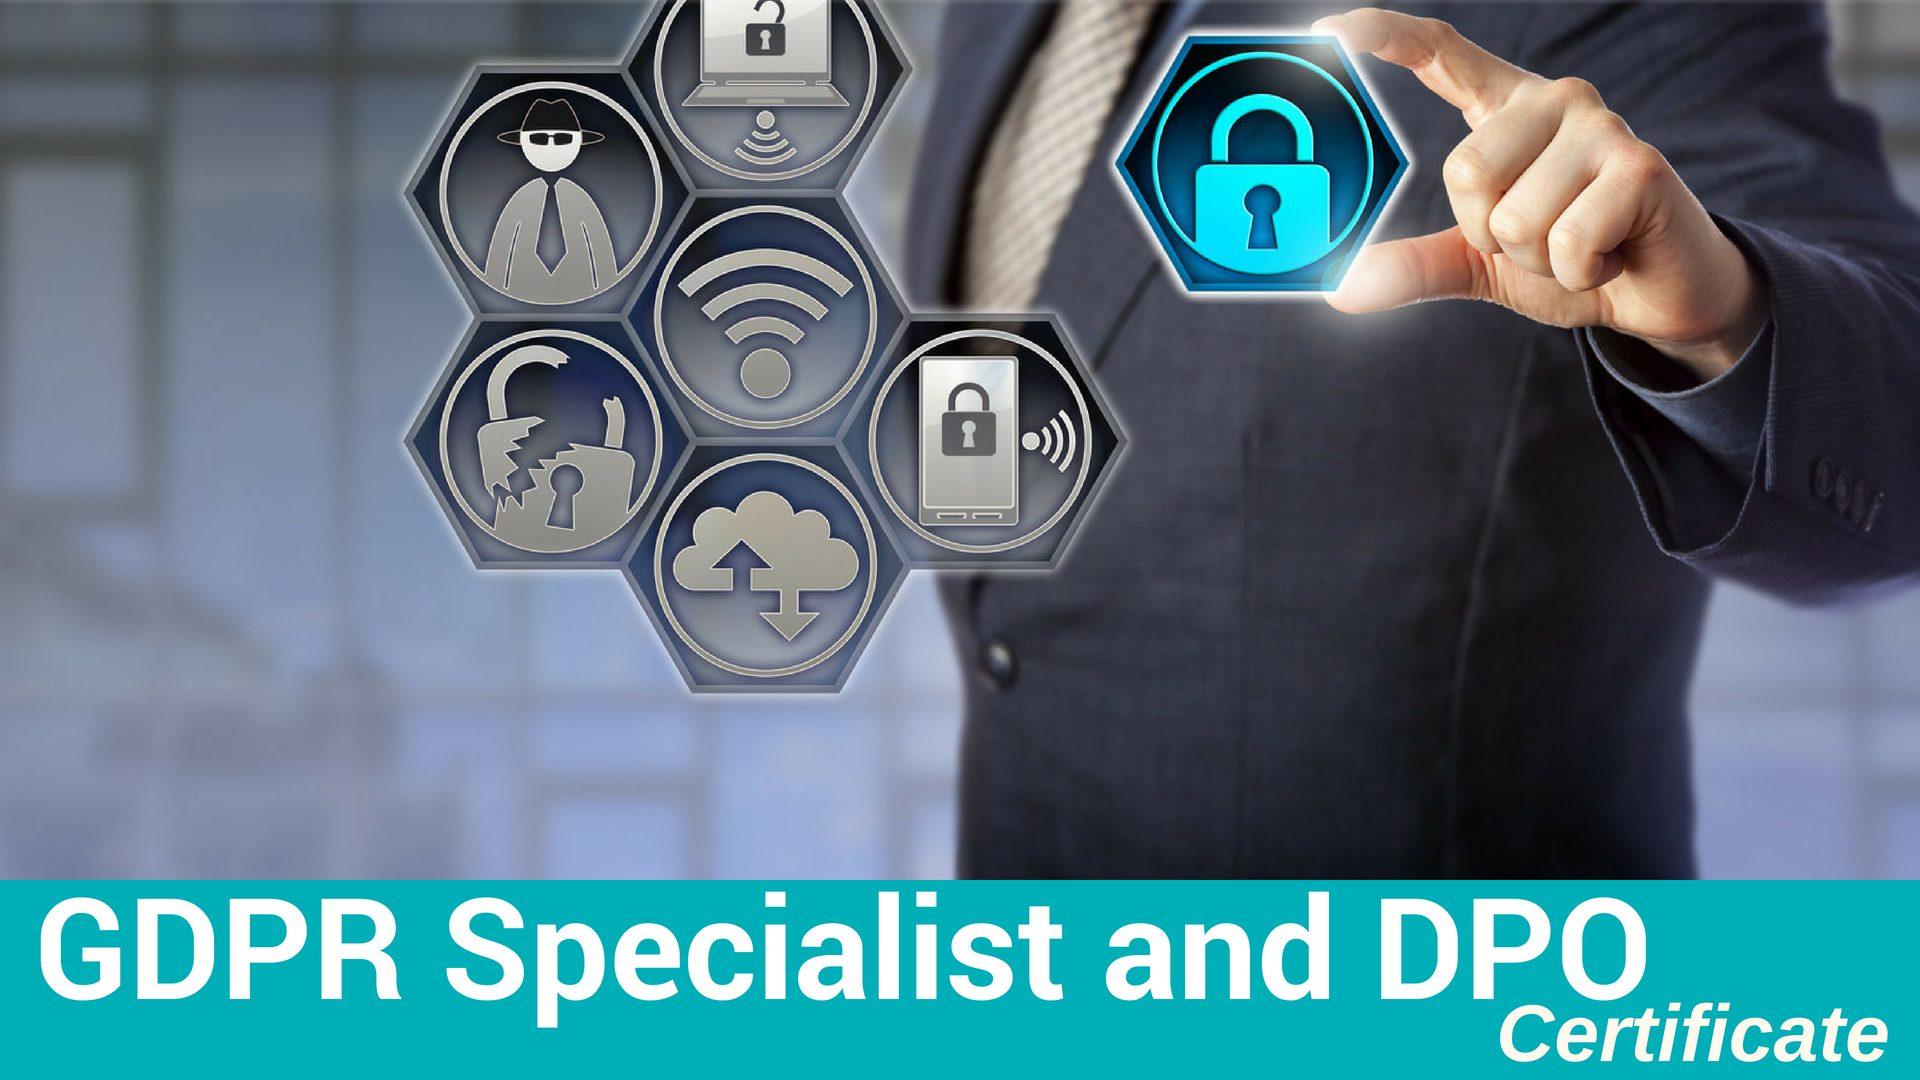 Γίνε επαγγελματίας σύμβουλος GDPR ή/και DPO (Data Protection Officer)